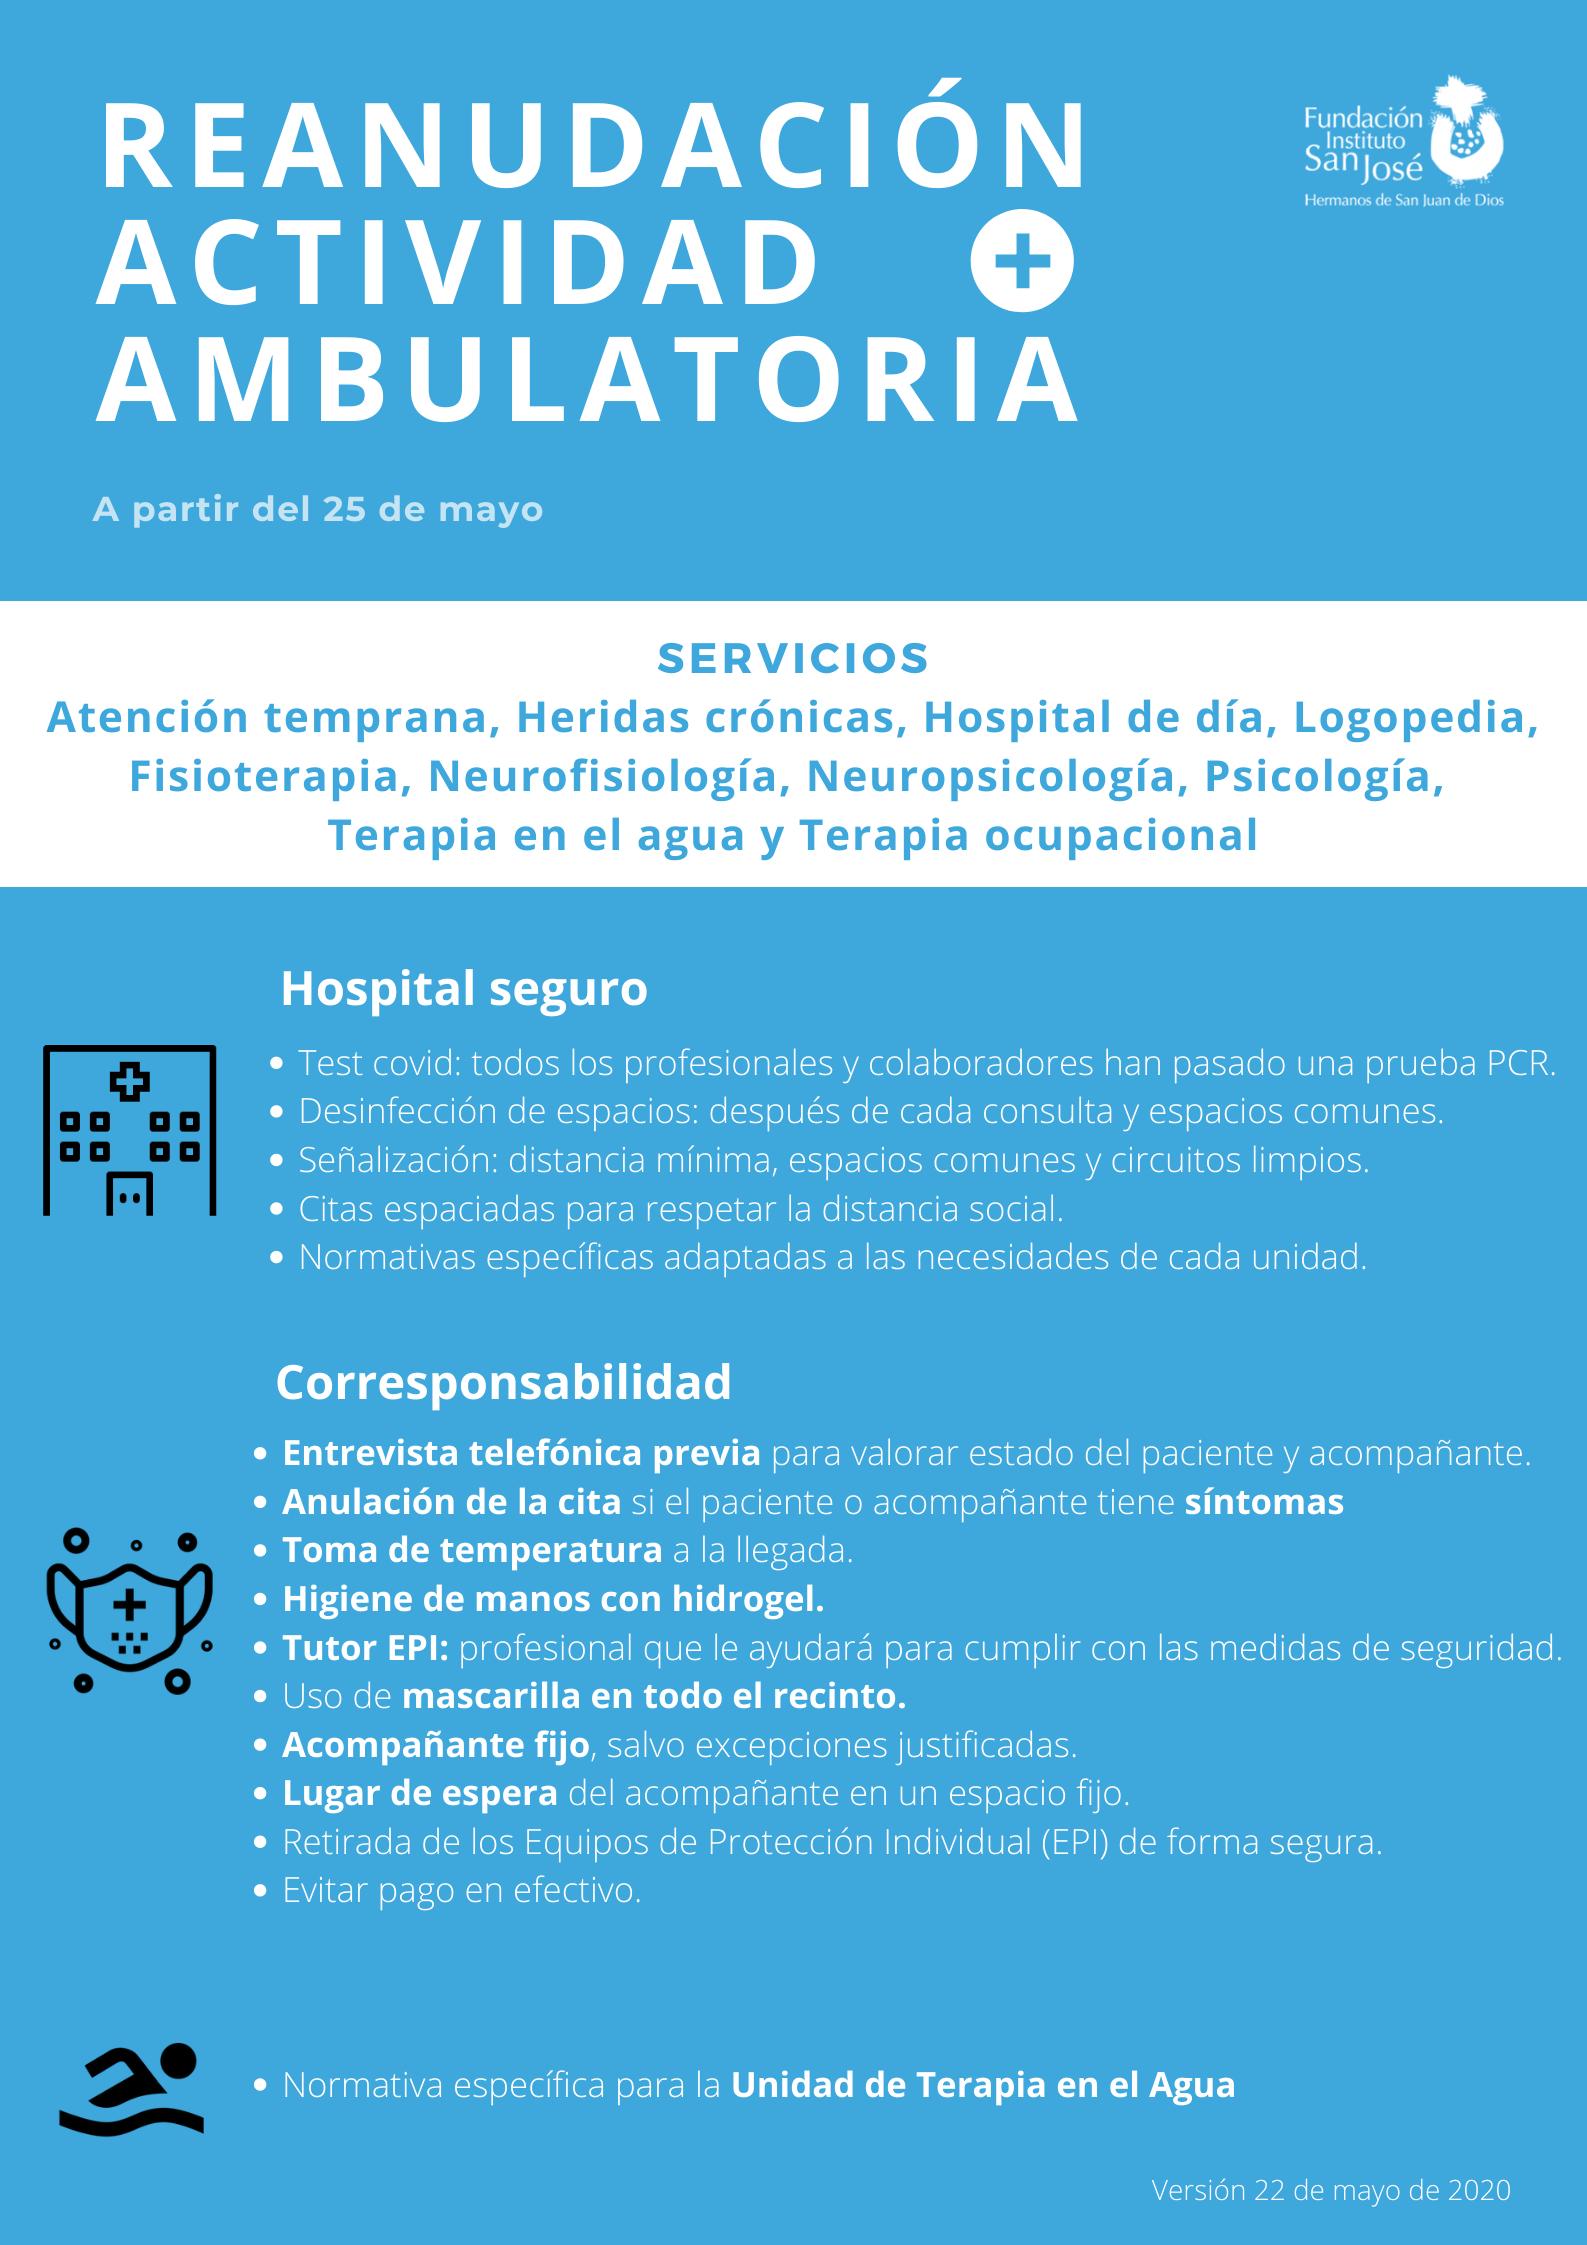 Guía básica reanudación actividad ambulatoria en FISJ